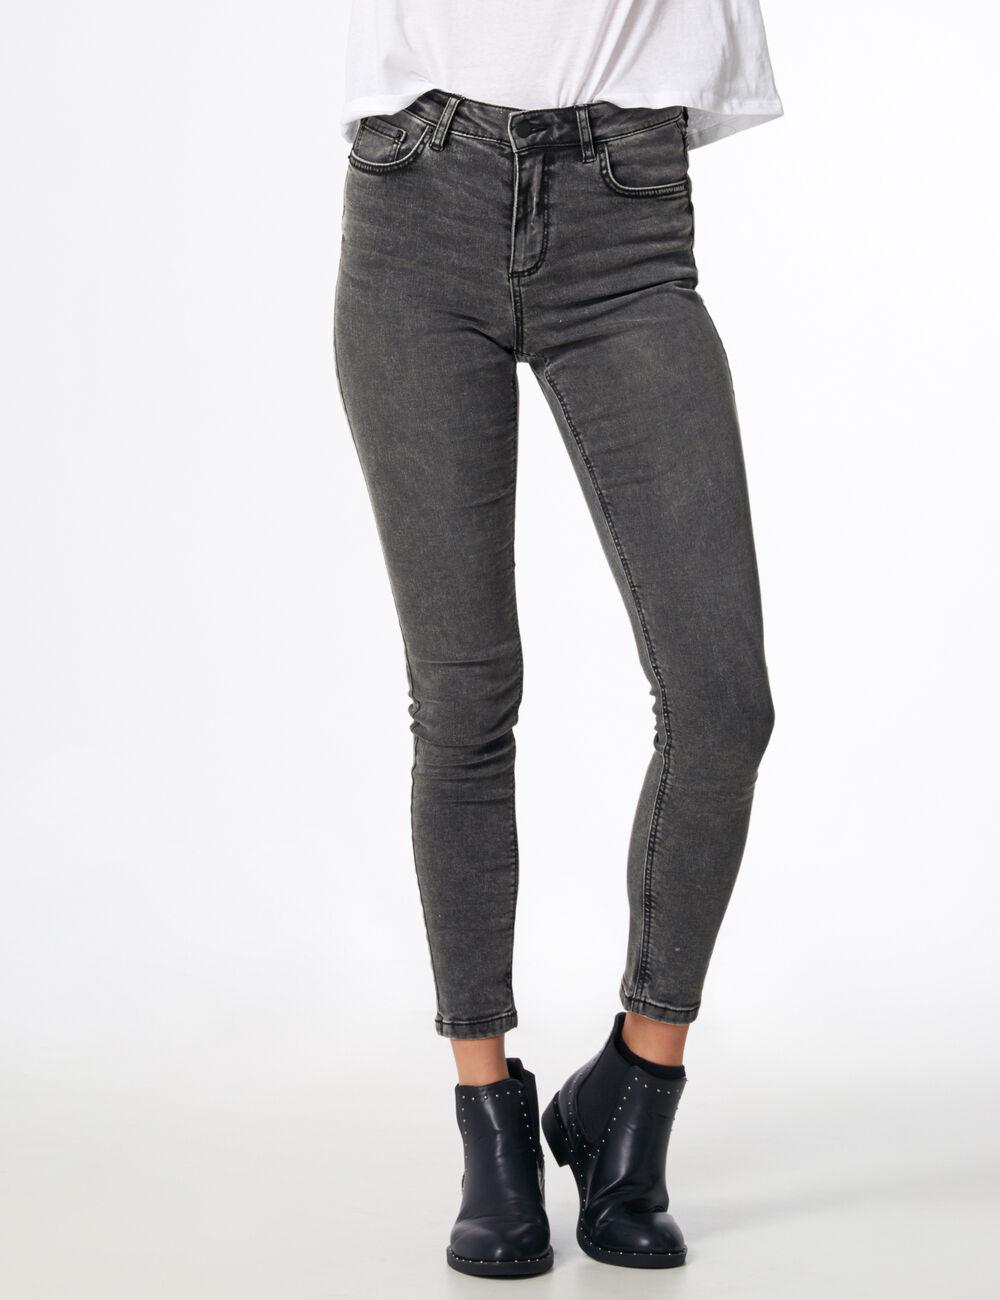 jean super skinny taille haute gris femme jennyfer. Black Bedroom Furniture Sets. Home Design Ideas